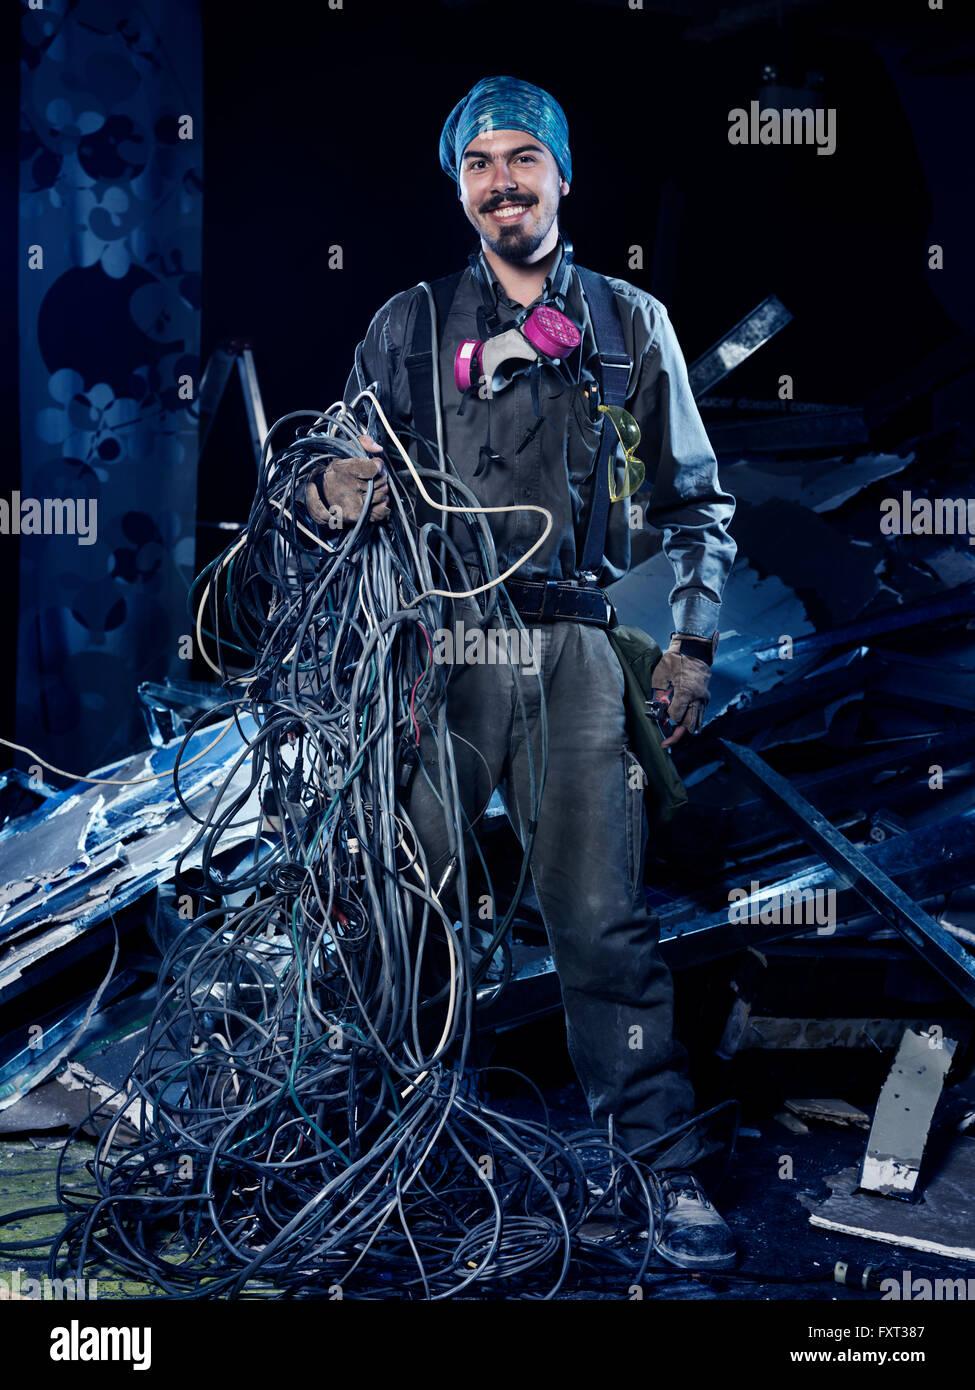 Elektroinstallateur bei der Arbeit, lächelnd, mit einem Bündel von Drähten, künstlerische Porträt Stockbild